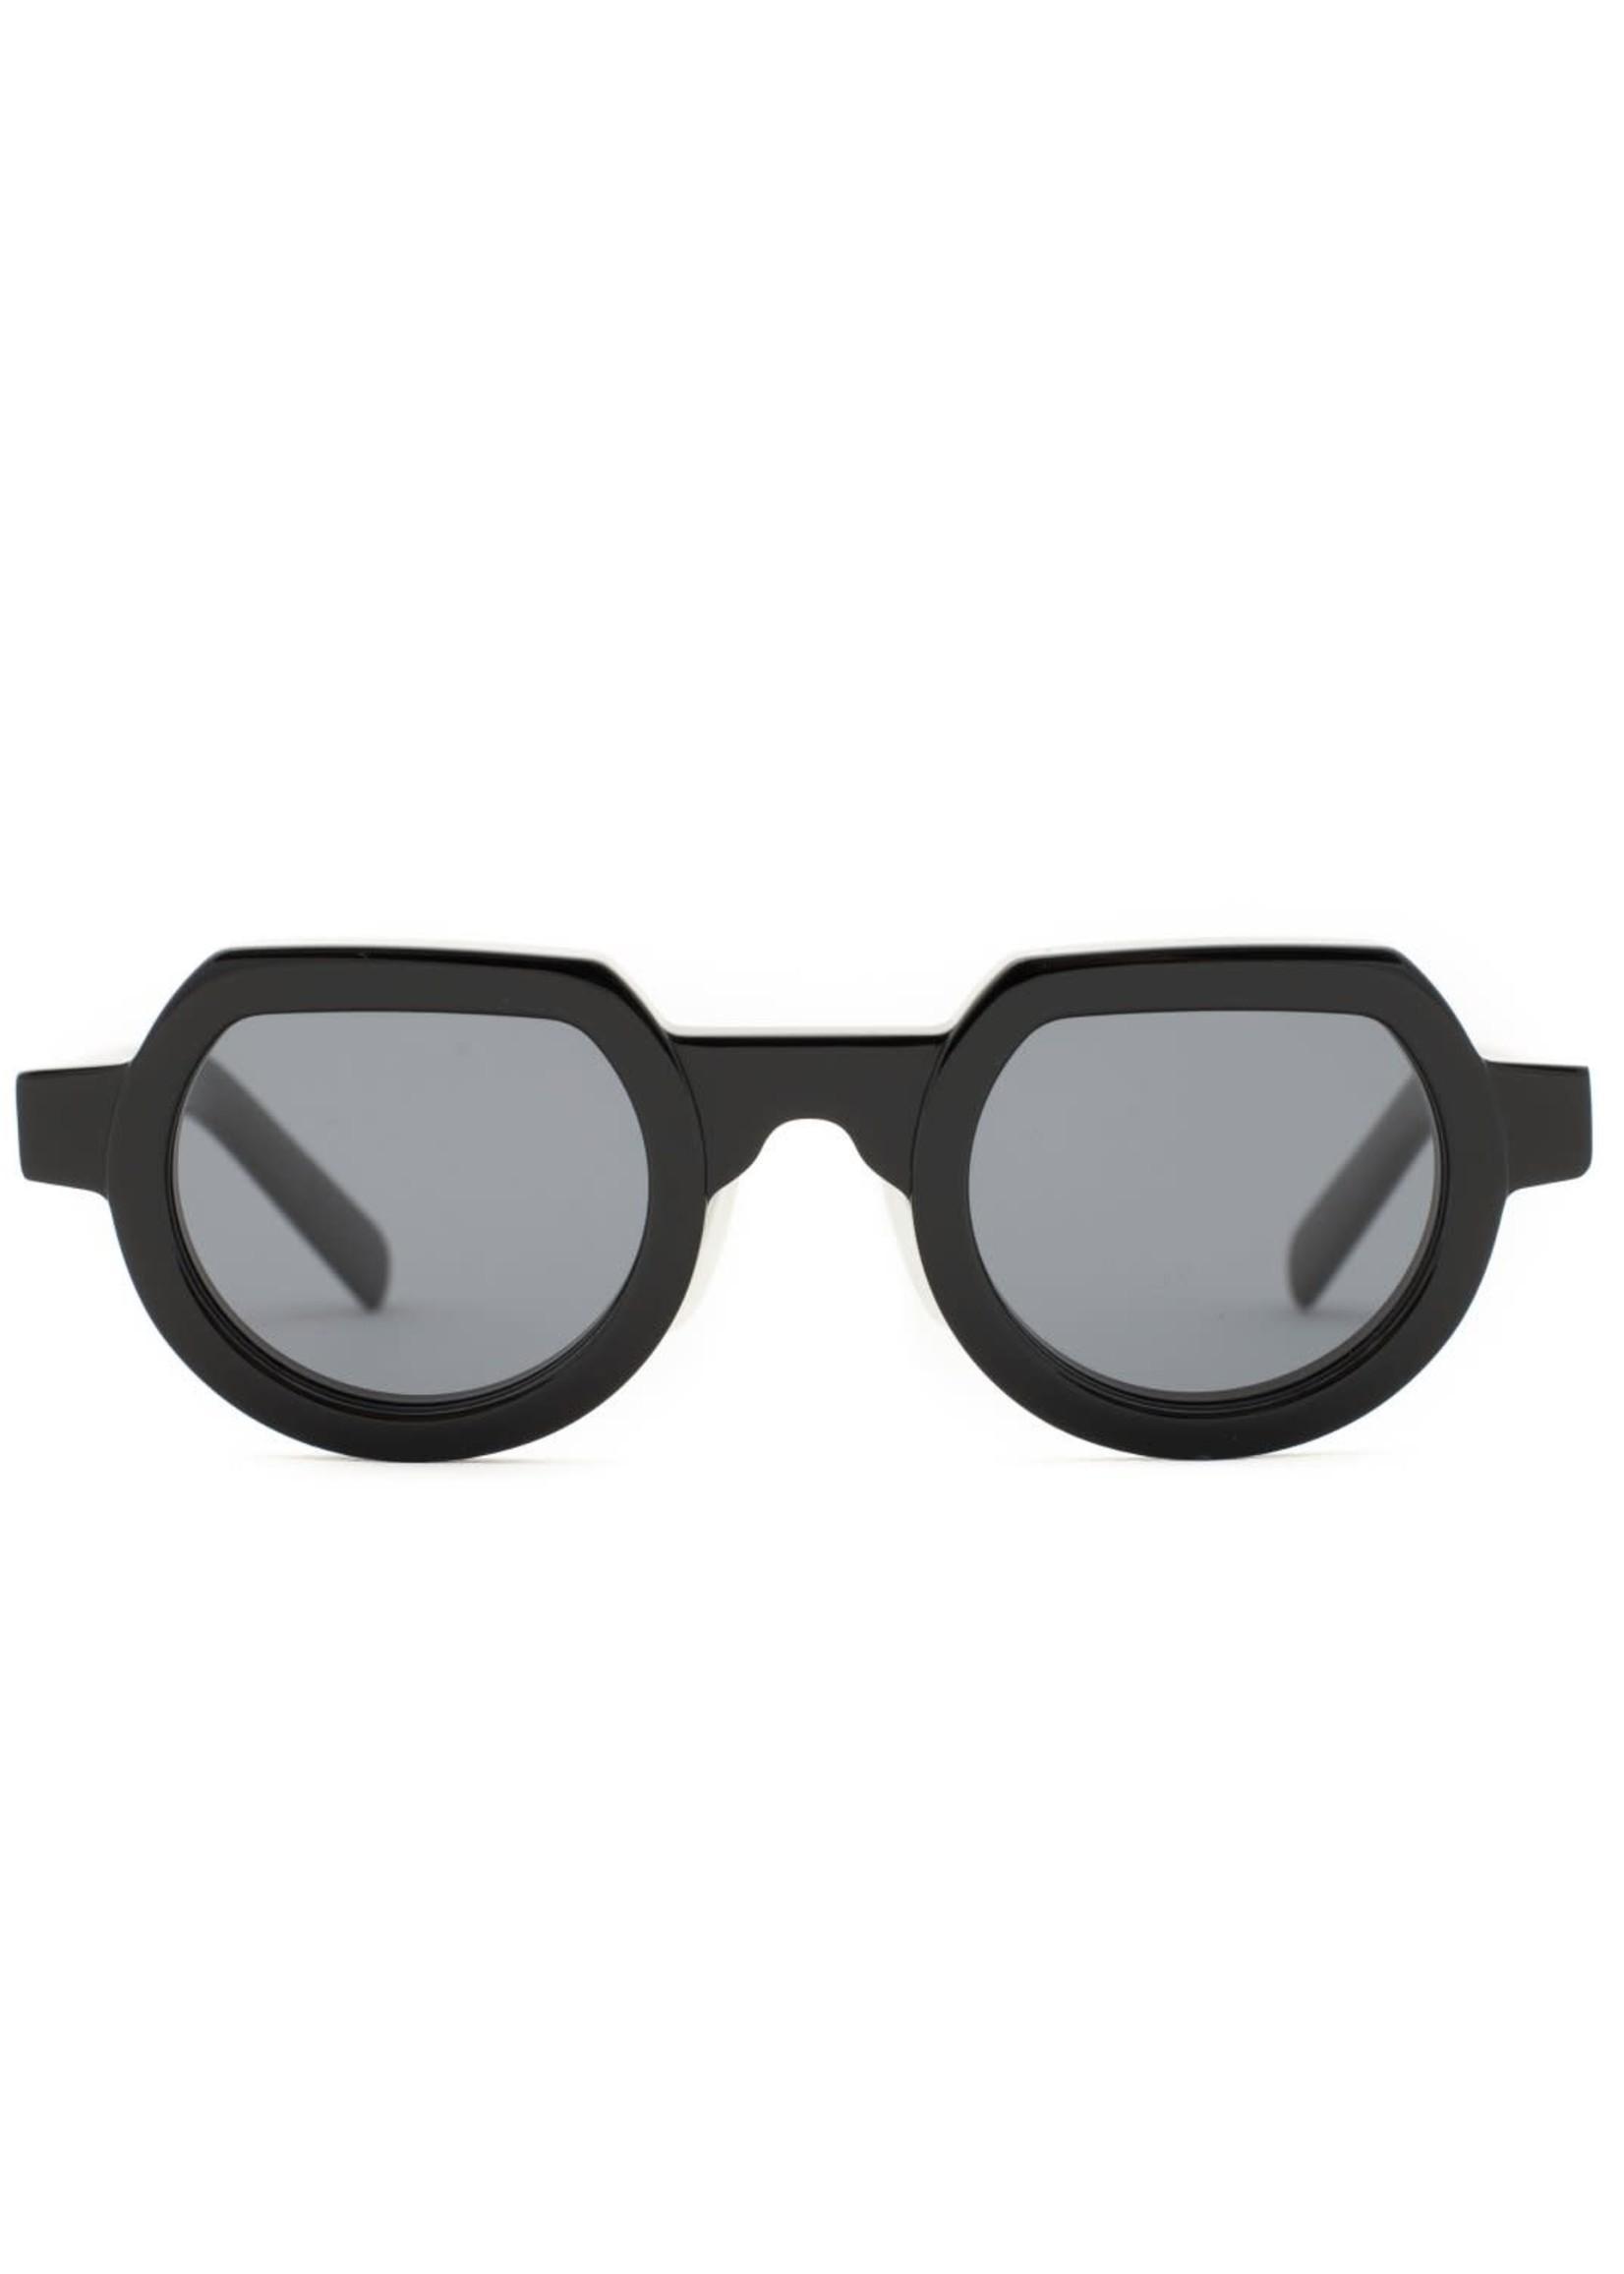 Brain Dead Tani Sunglasses in Black / Black